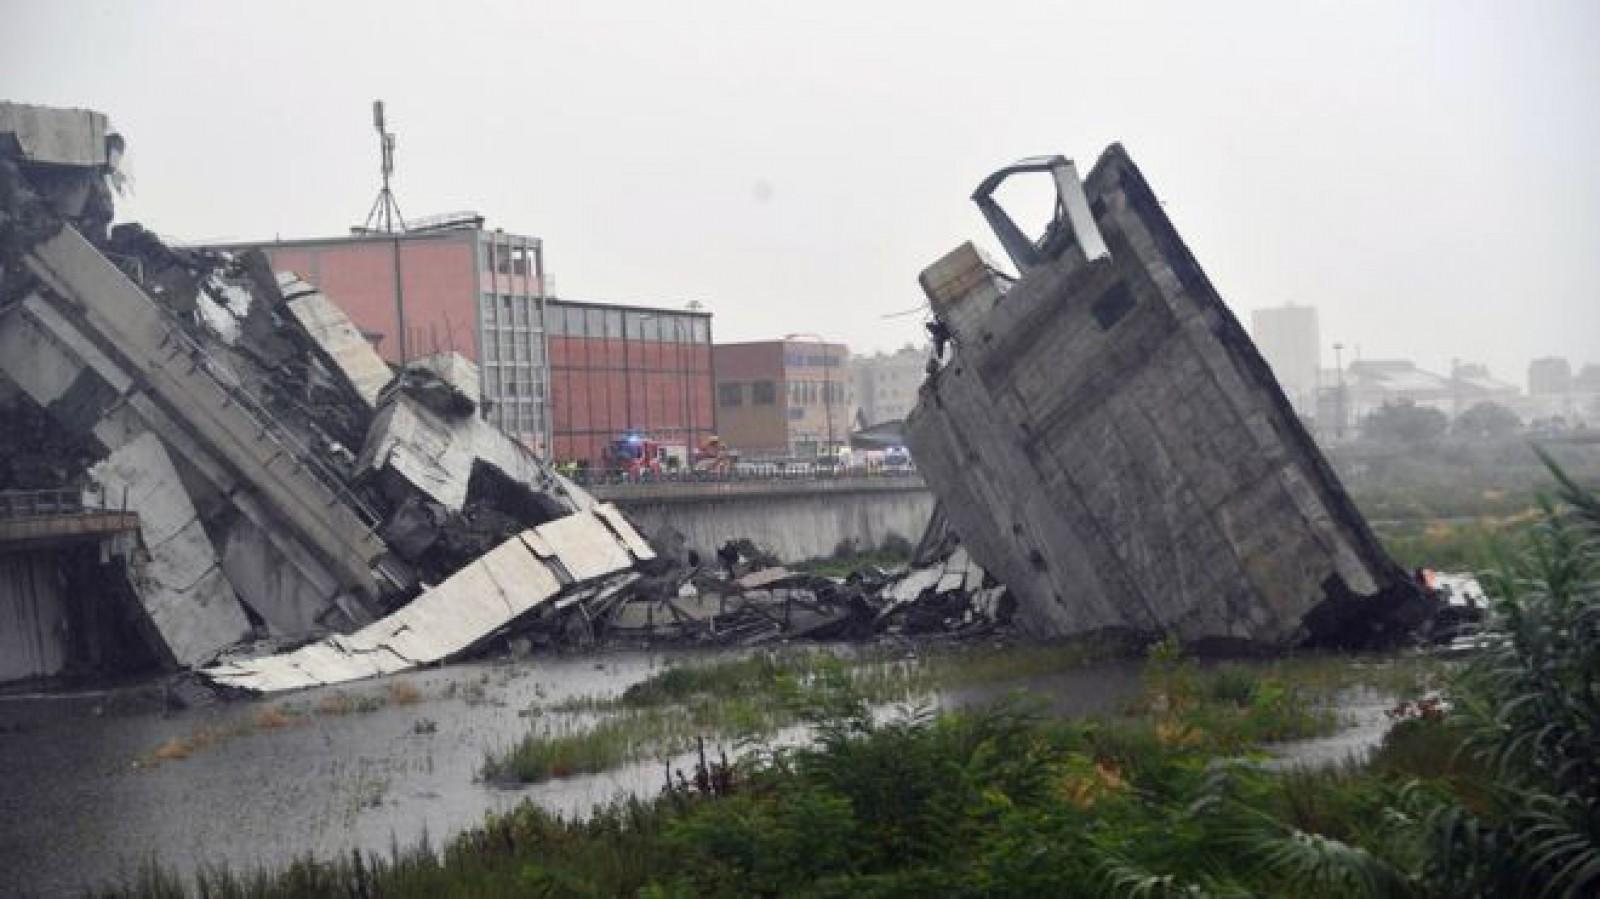 Для доставки в Молдову тела погибшего при обрушении моста в Италии будет нанята компания